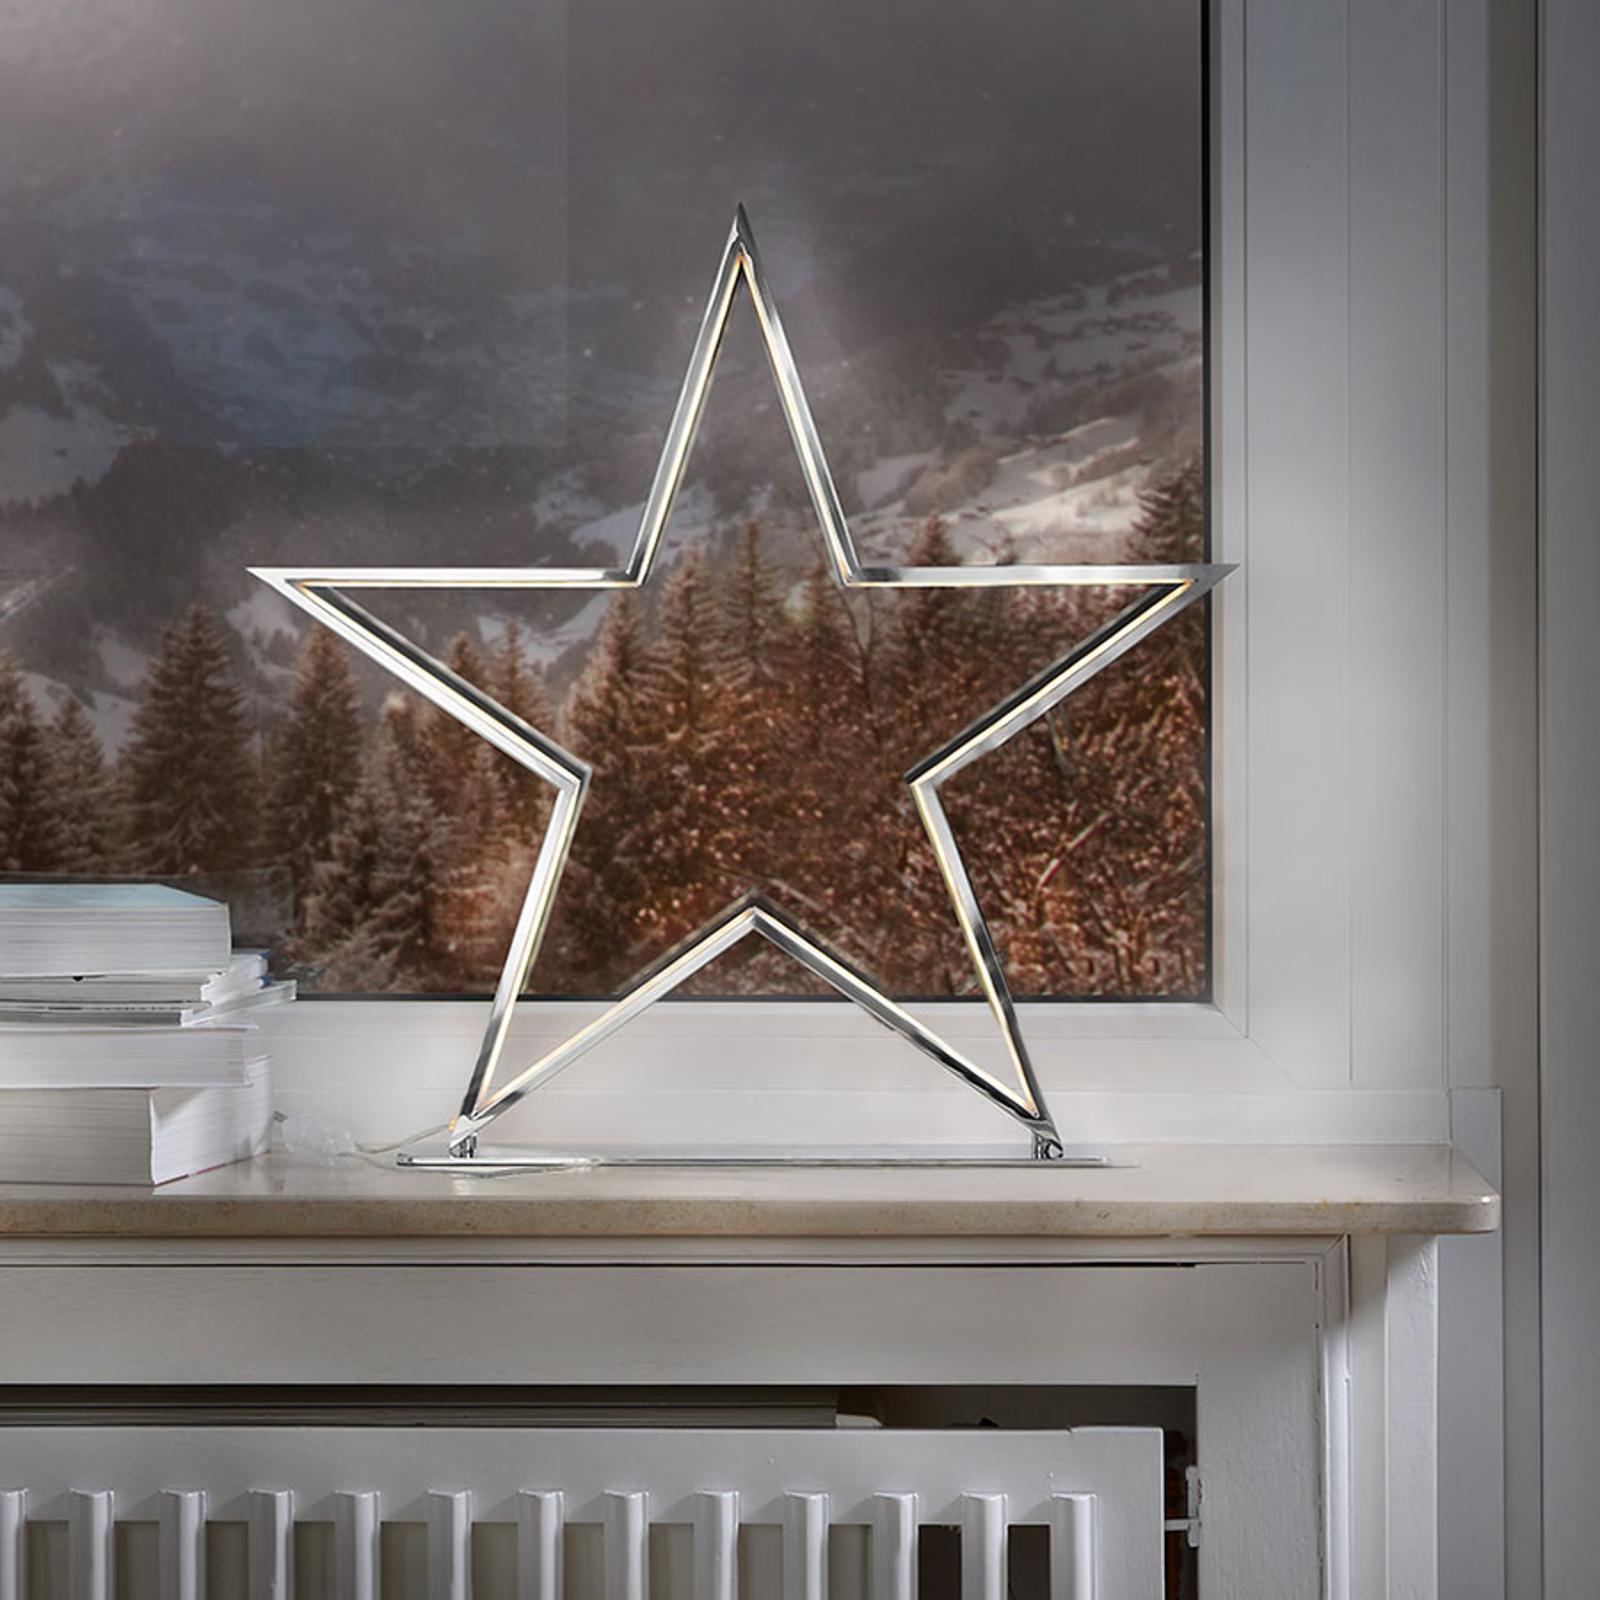 Lampada Lucy a stella effetto cromo alta 50cm